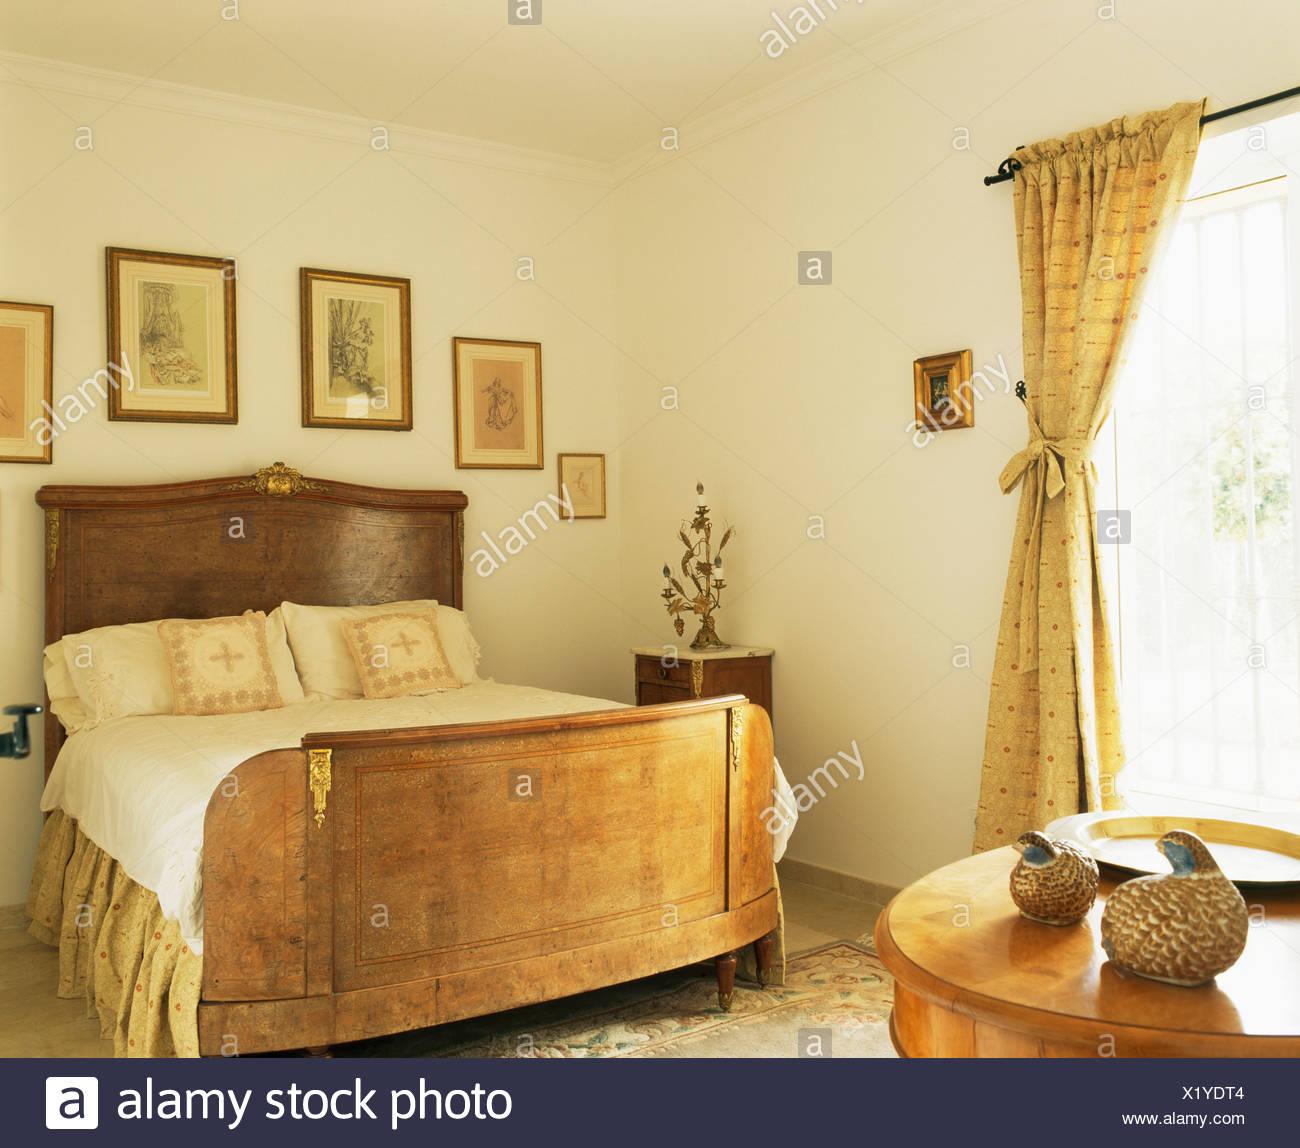 Bilder An Der Wand über Antike Mahagoni Bett In Neutral Schlafzimmer Mit  Antiken Tischchen Und Creme Vorhang Am Fenster